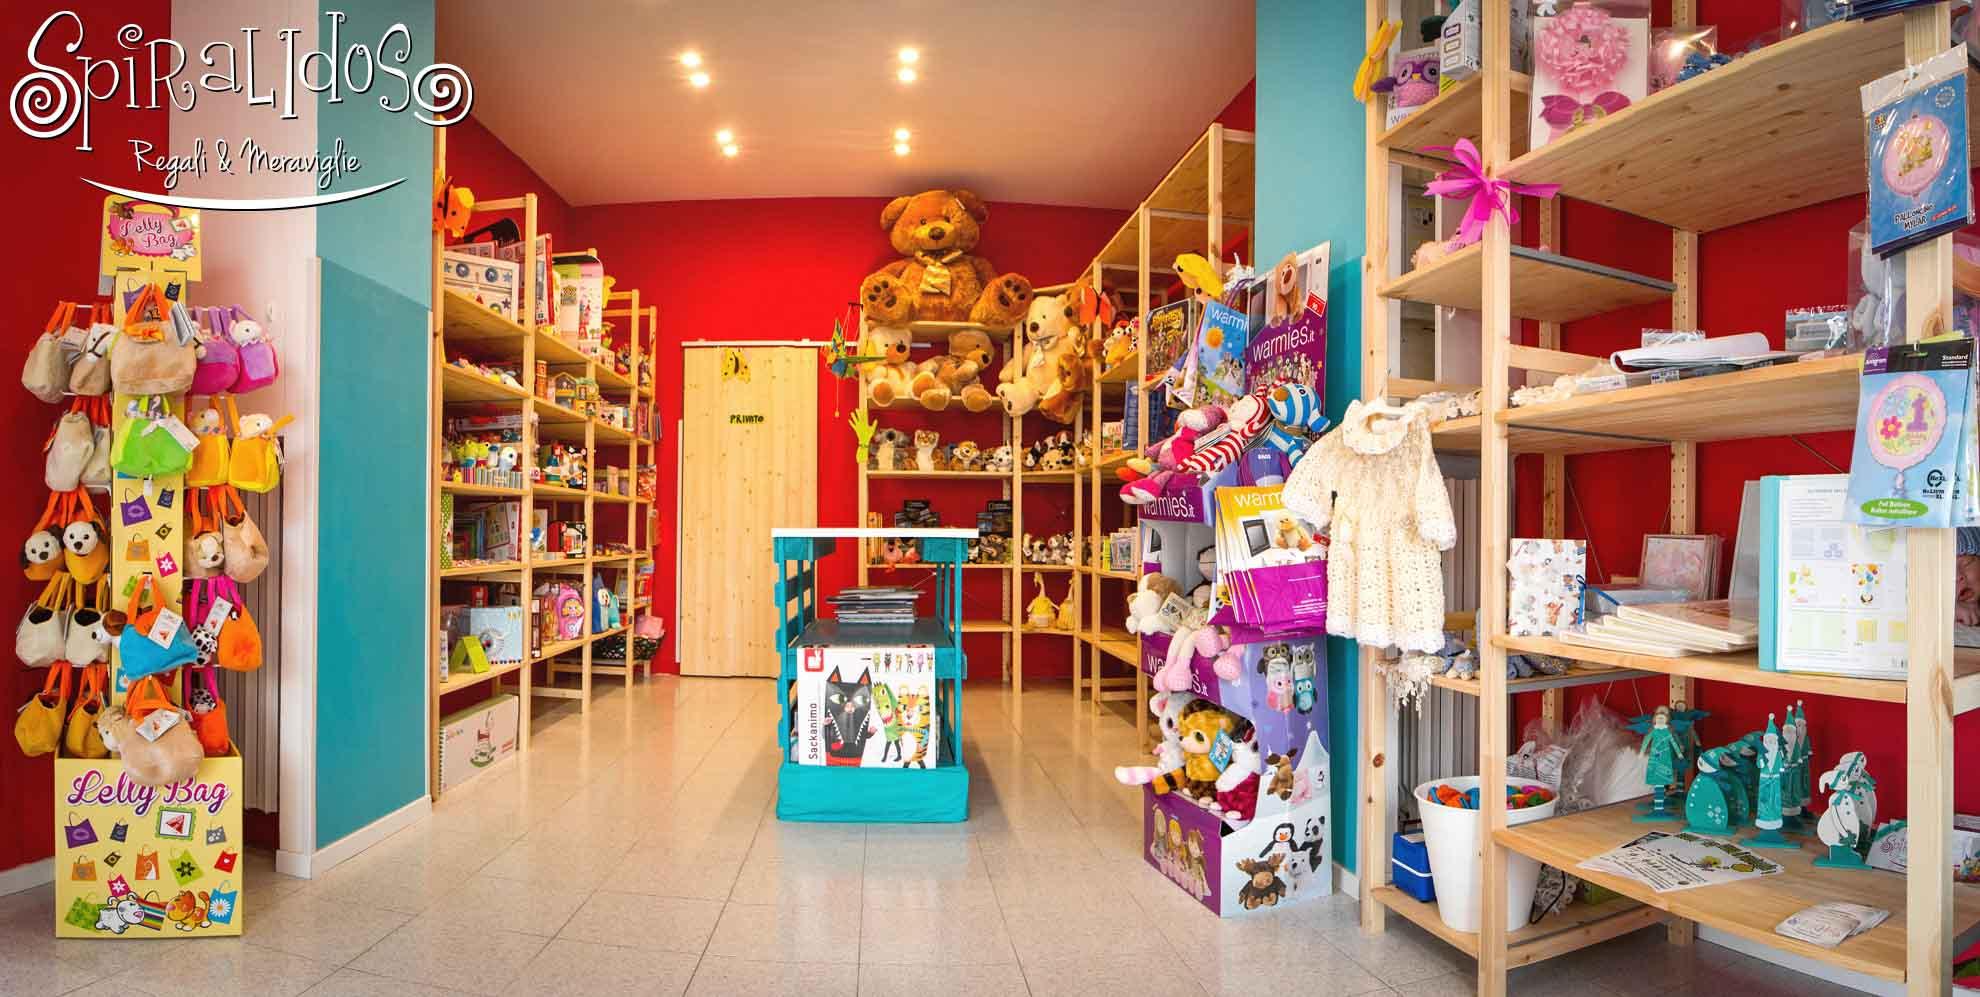 Spiralidoso: giocattoli, regali per bambini, idee regalo per adulti